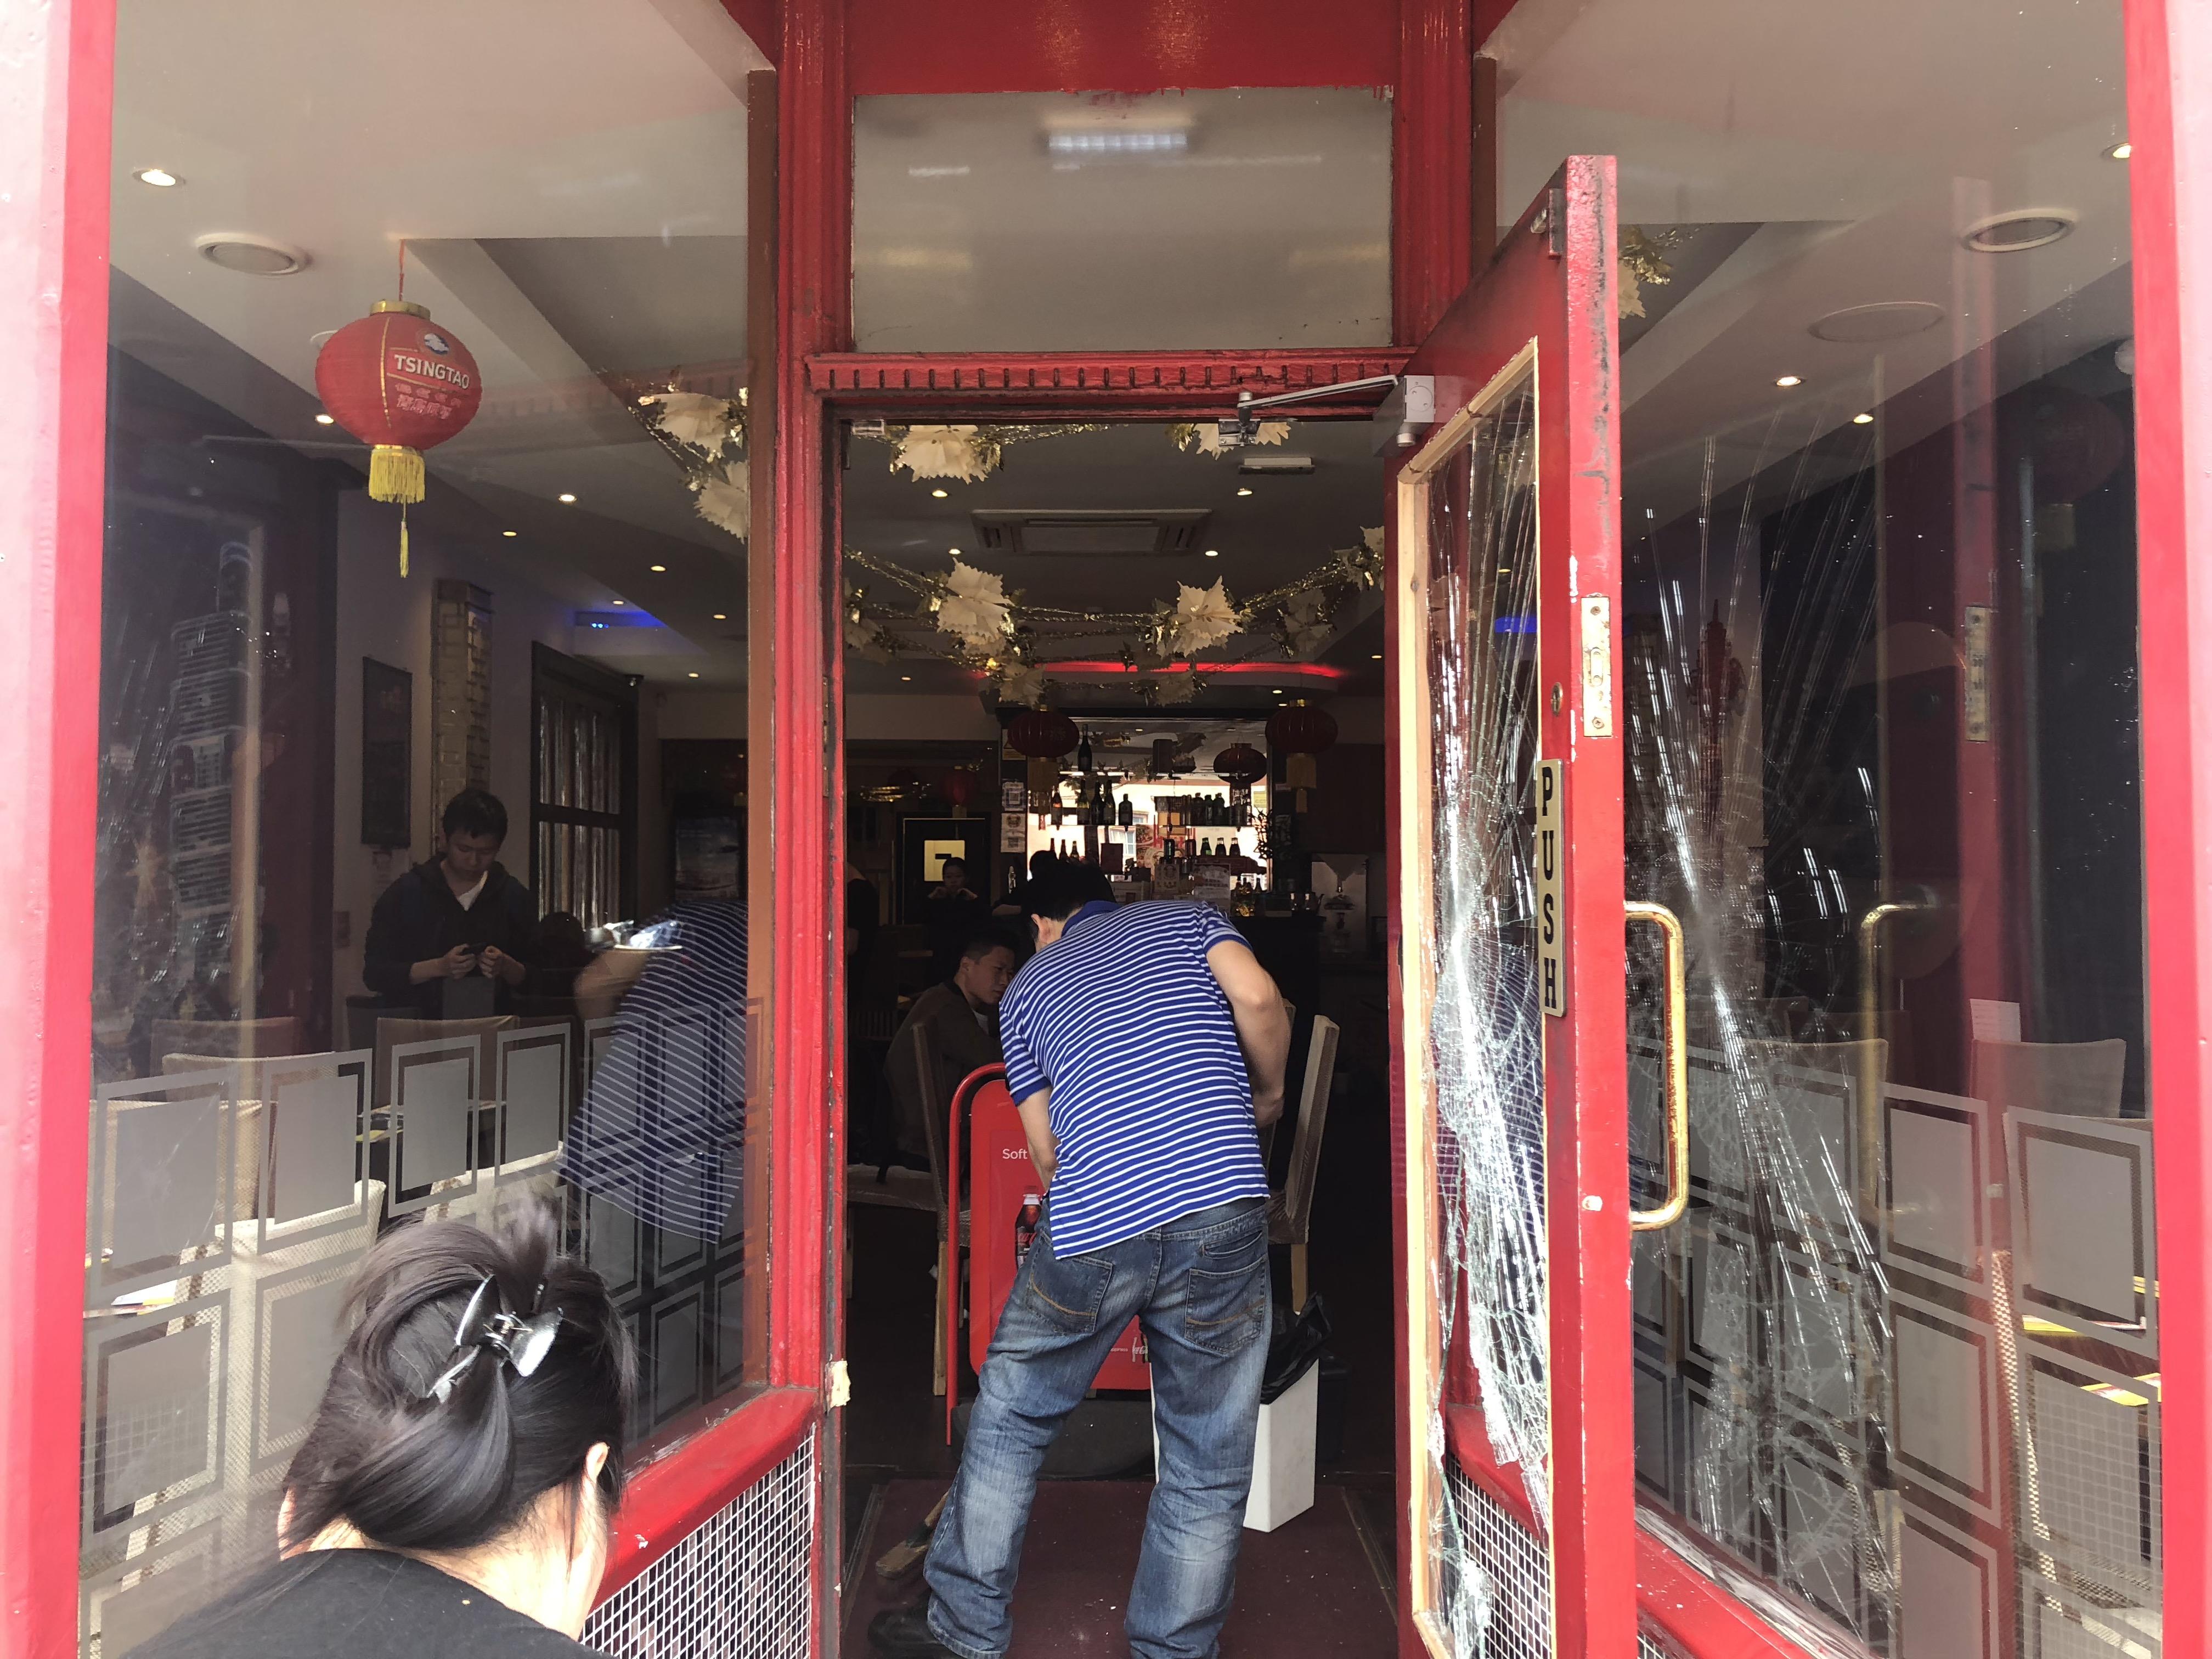 华人在英国开的中餐厅被砸 警察:小事管不了